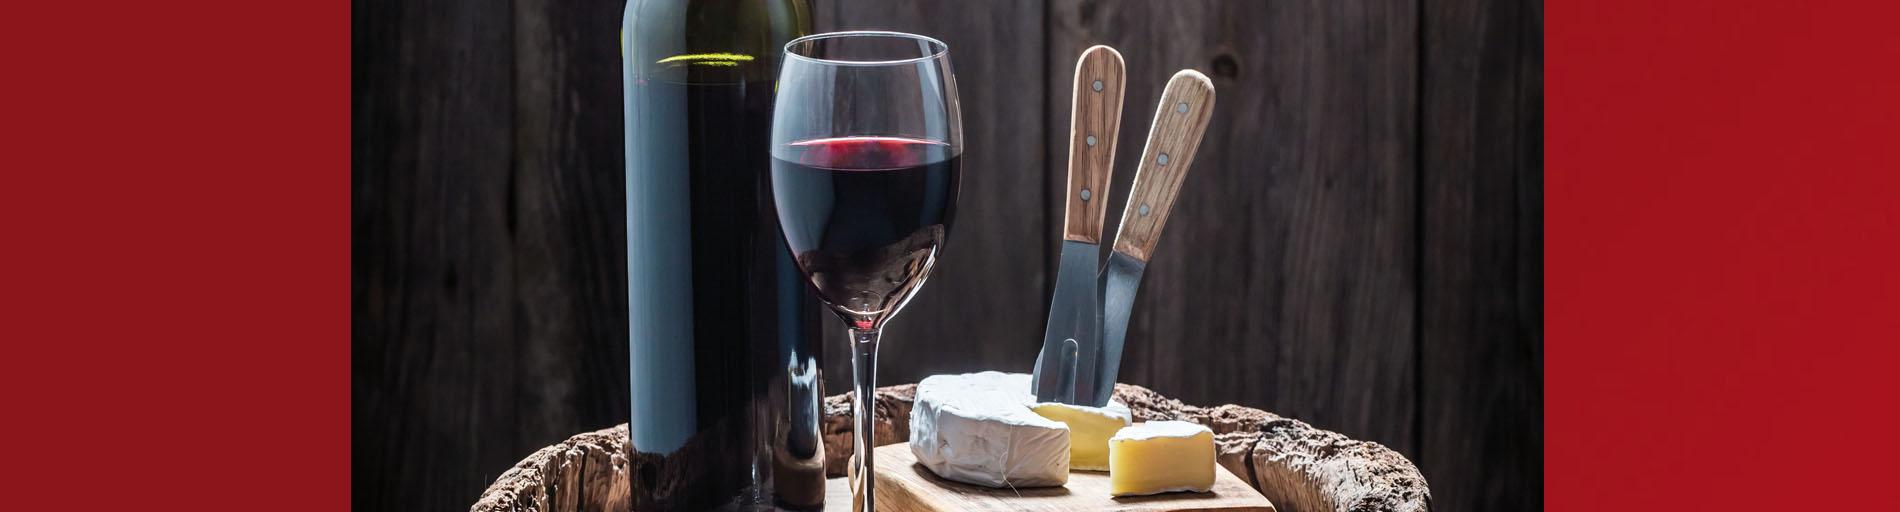 Le salon des vins et de la gastronomie